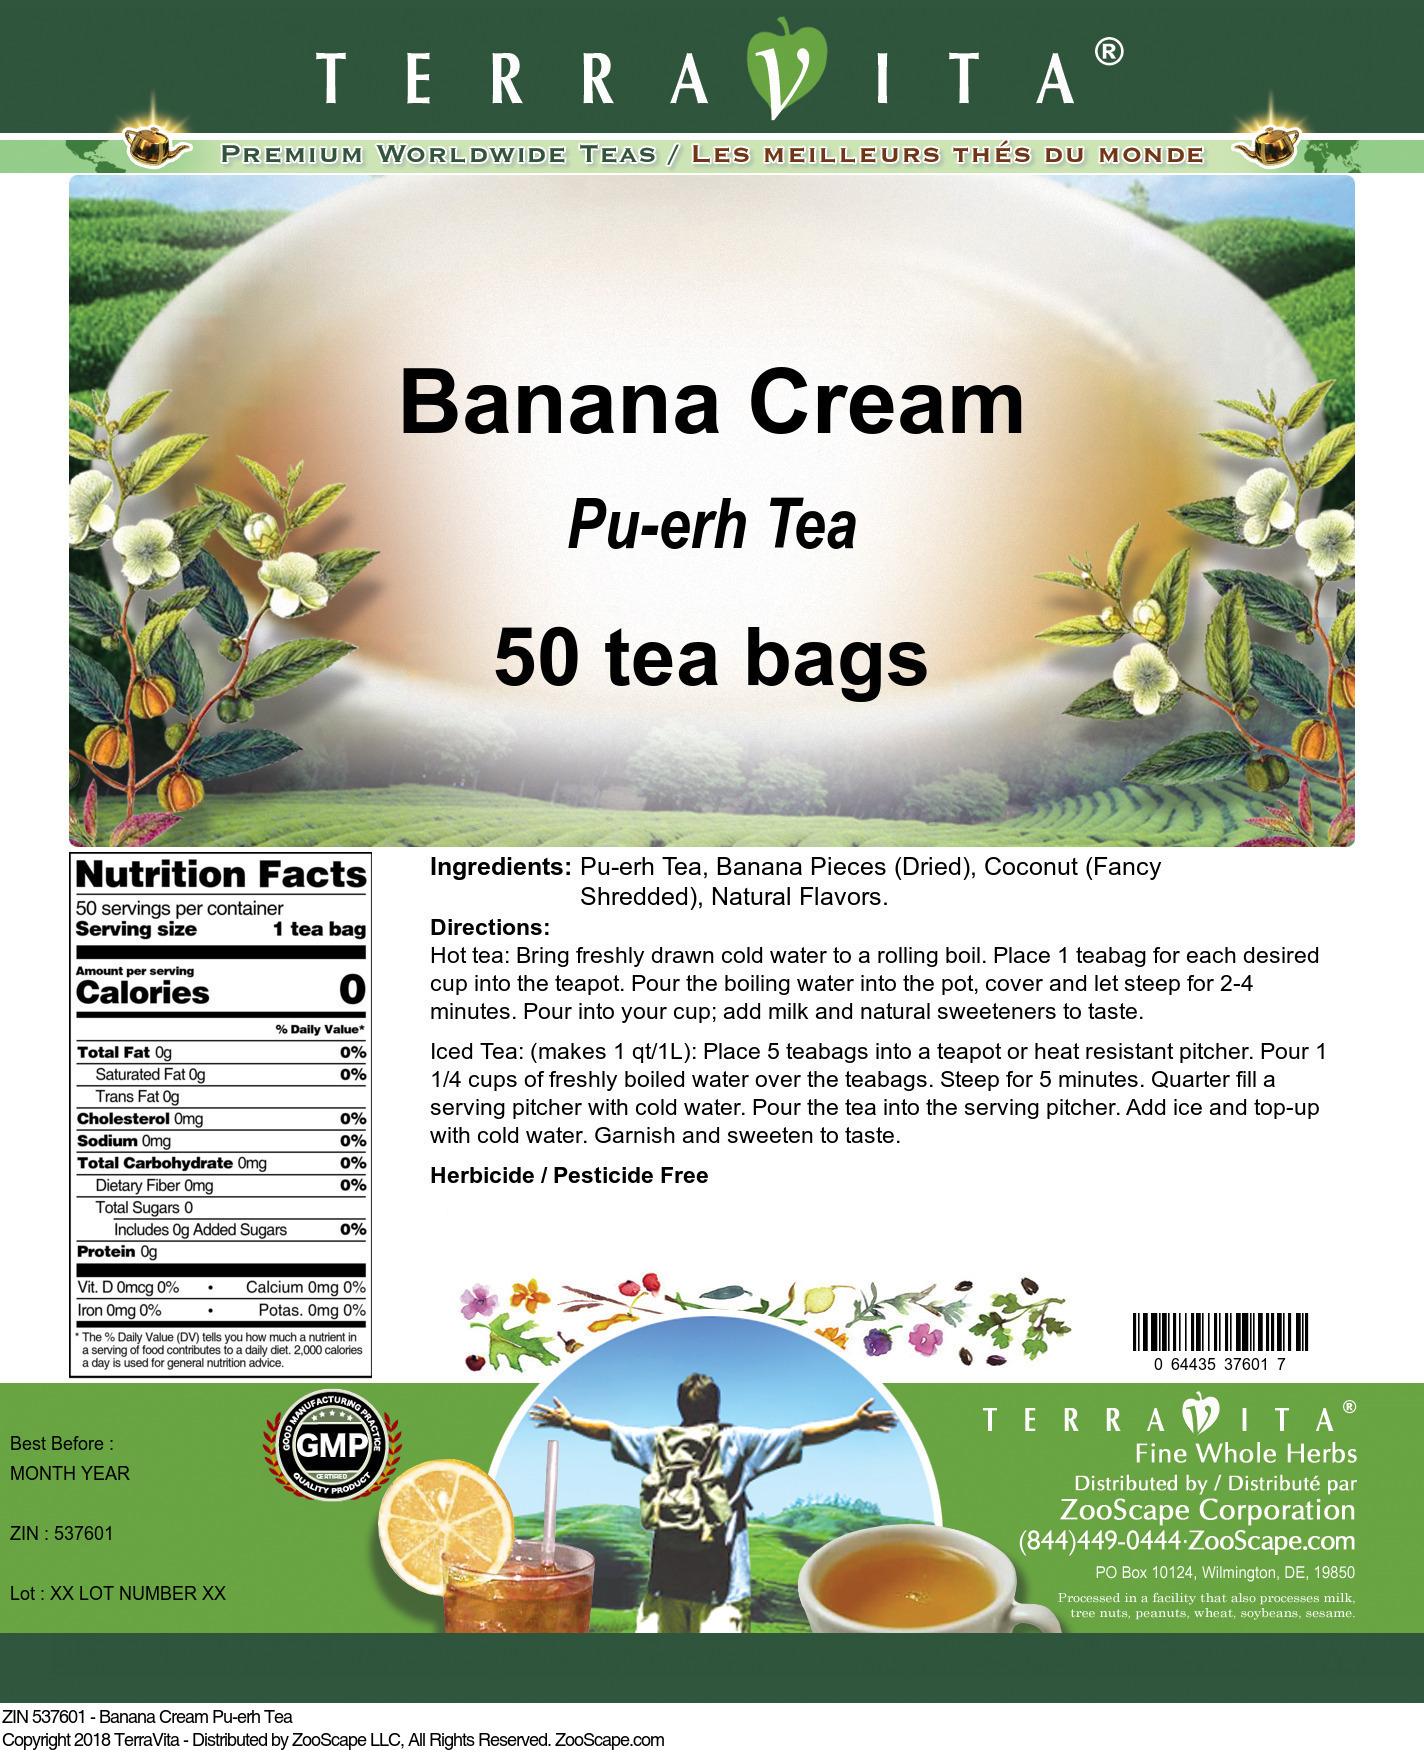 Banana Cream Pu-erh Tea